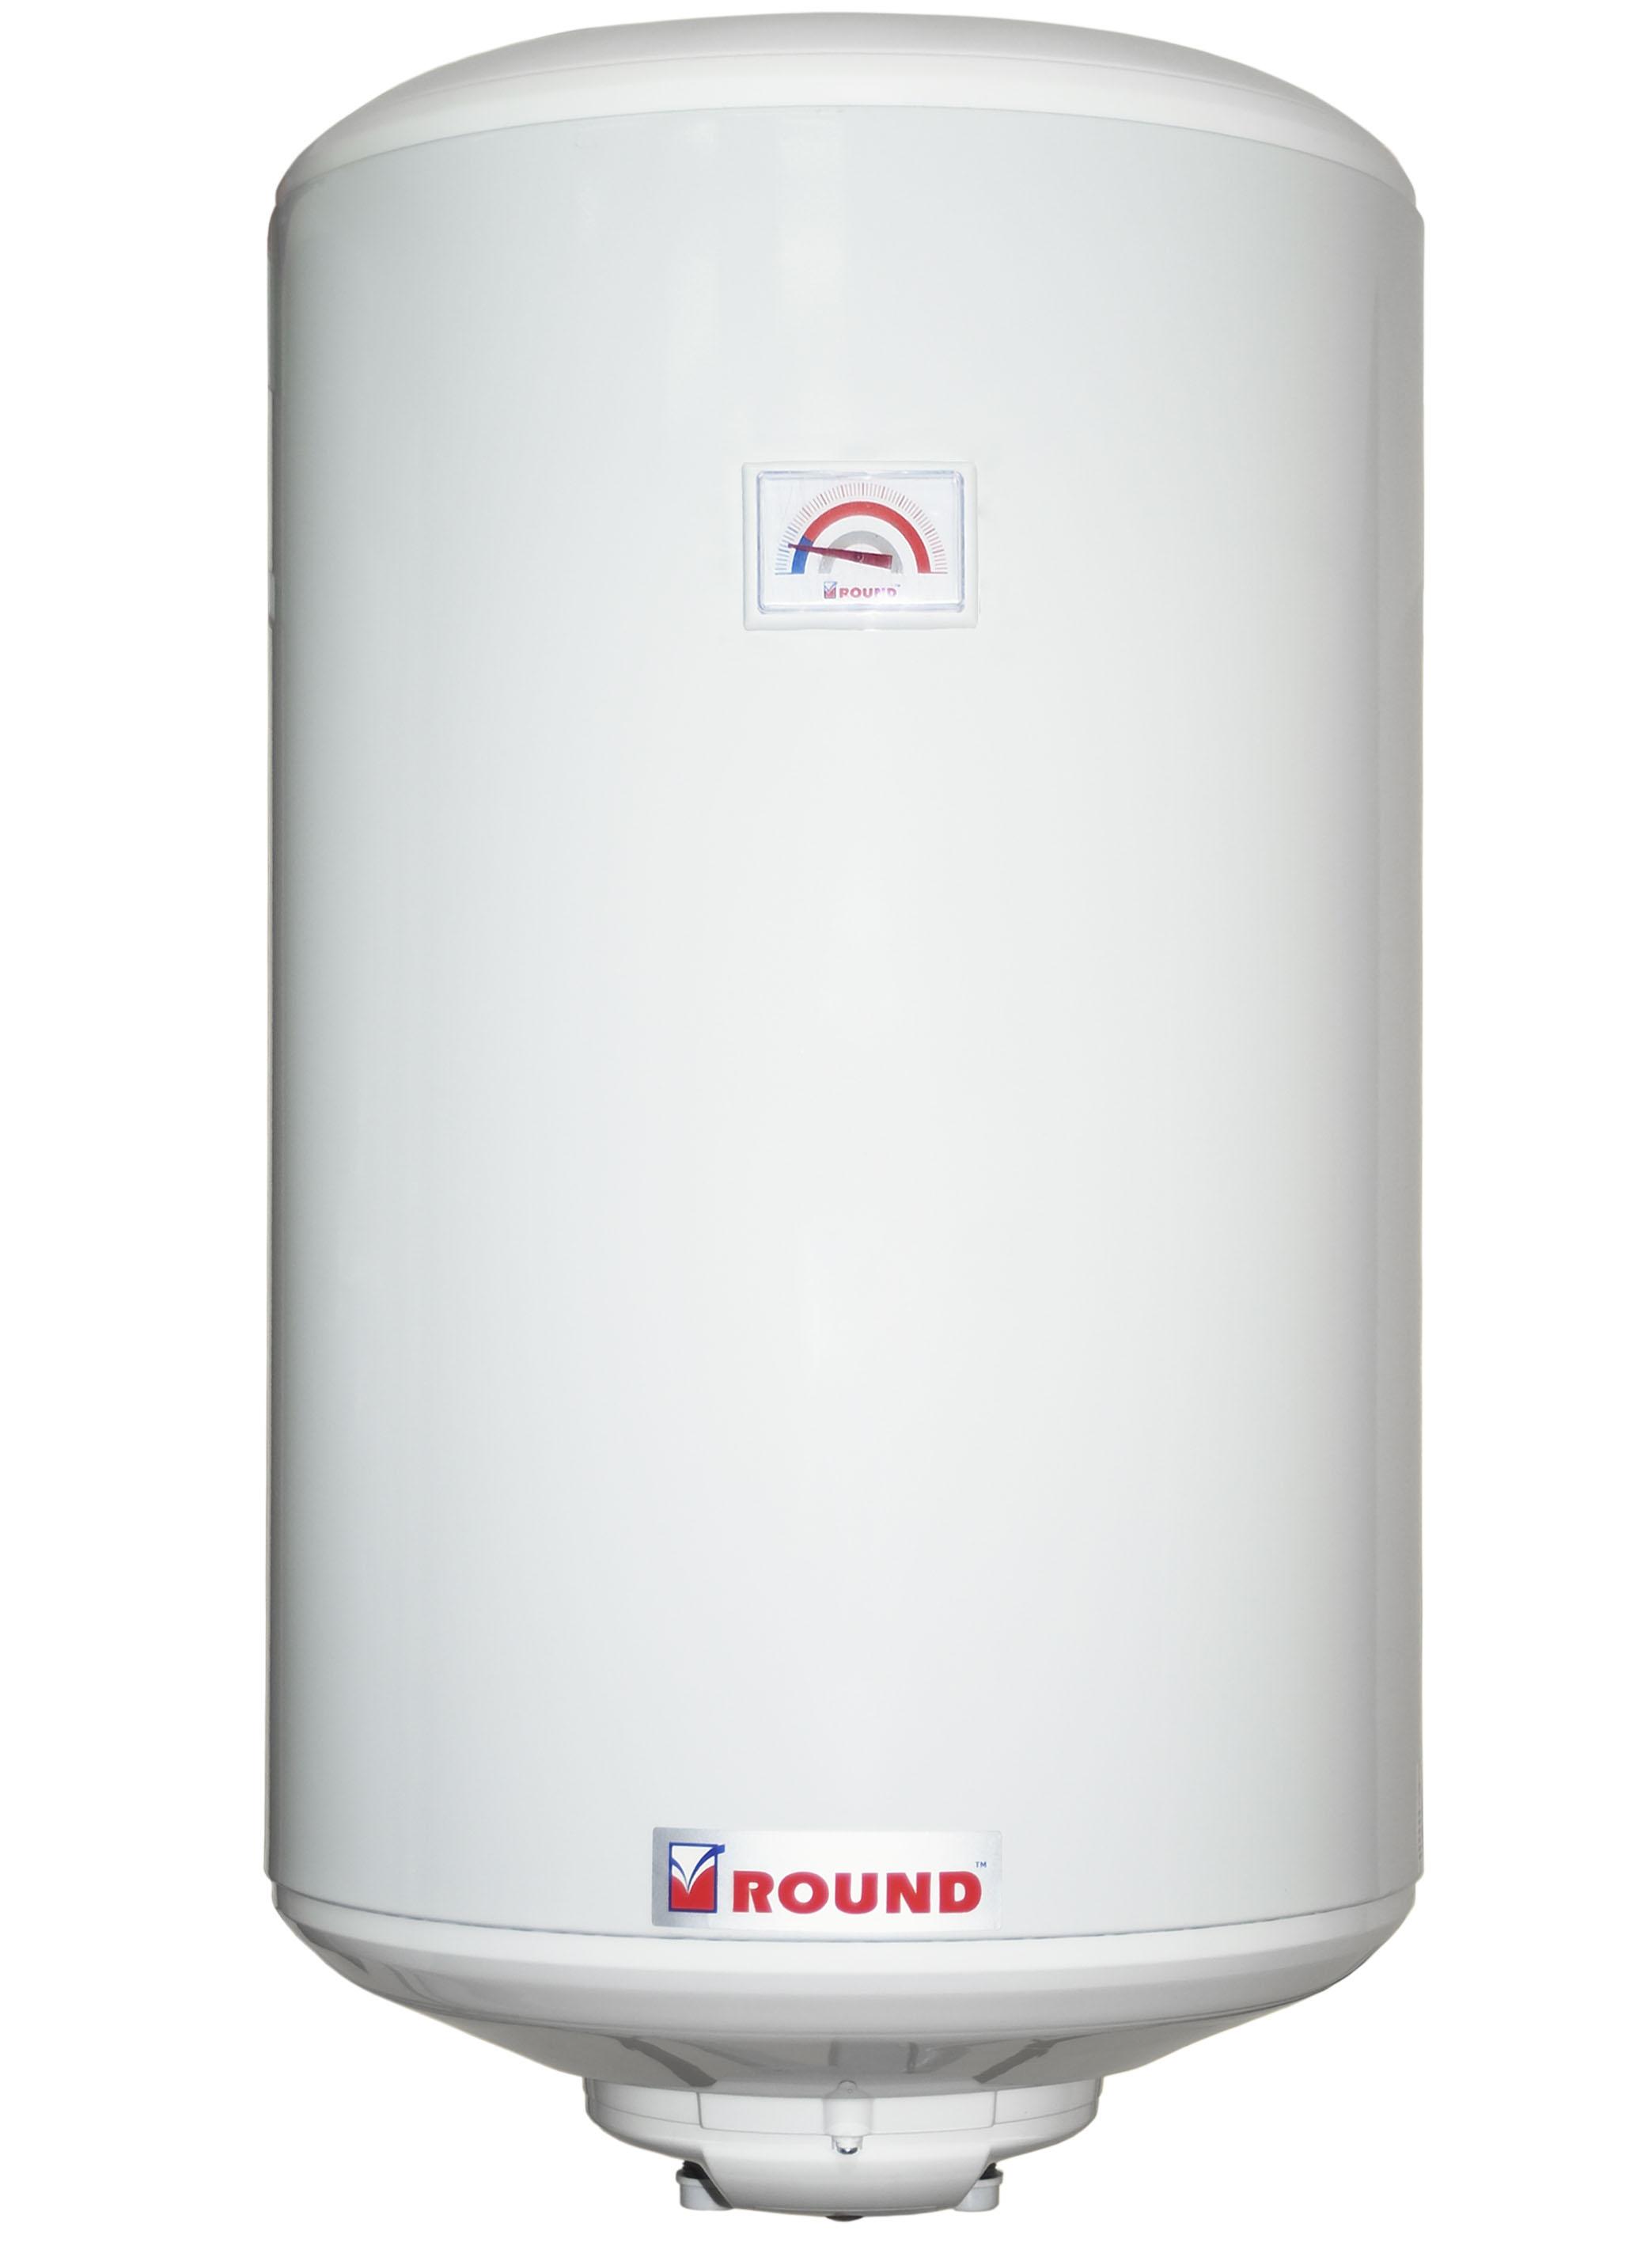 Отзывы о водонагревателях, рейтинг и оценки производителей